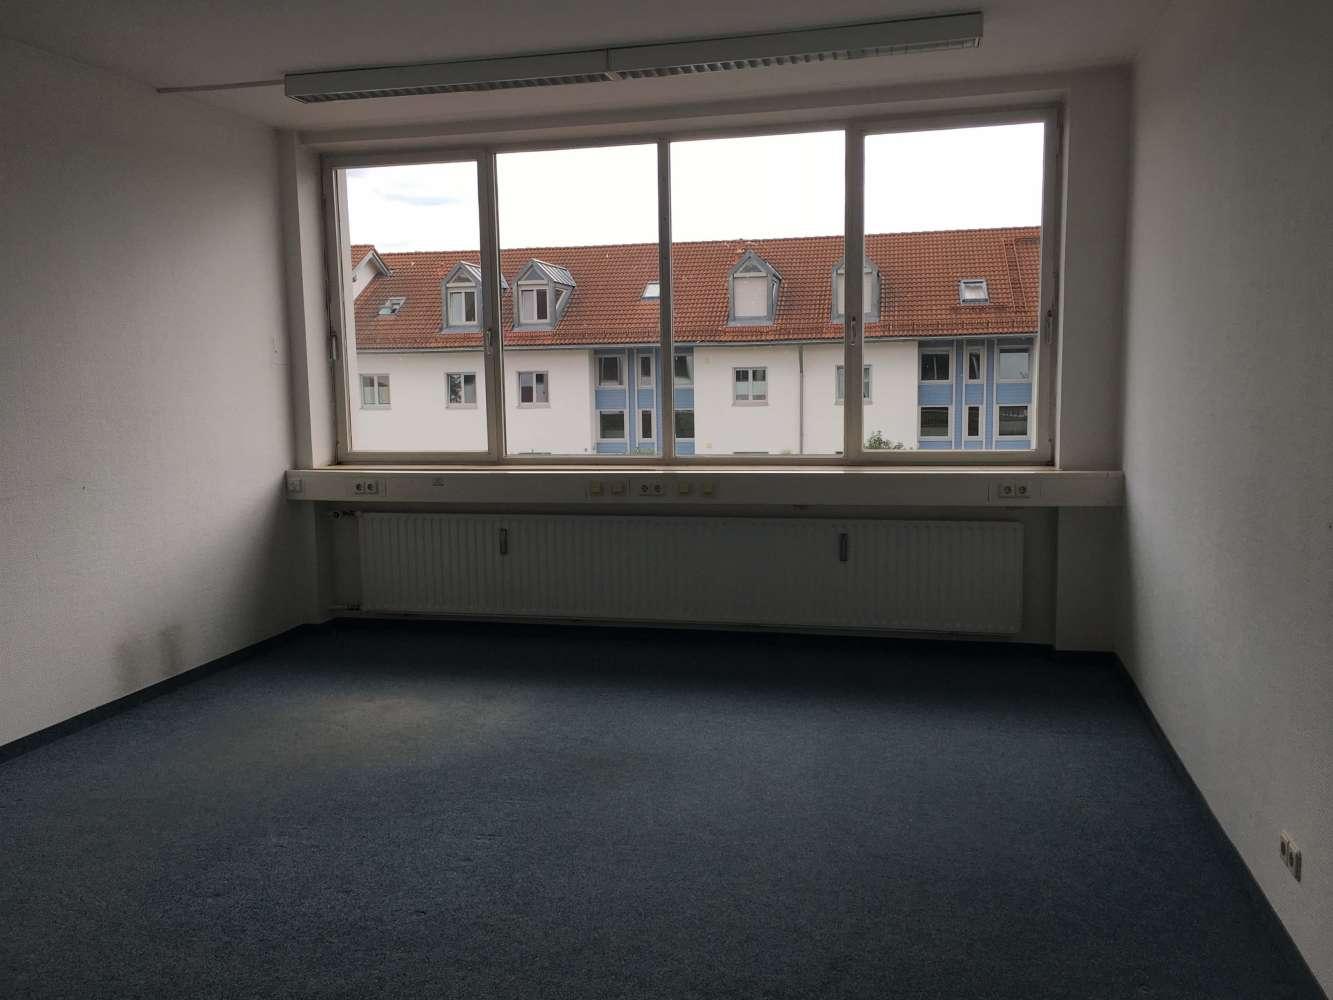 Büros Germering, 82110 - Büro - Germering, Unterpfaffenhofen - M1513 - 9646305